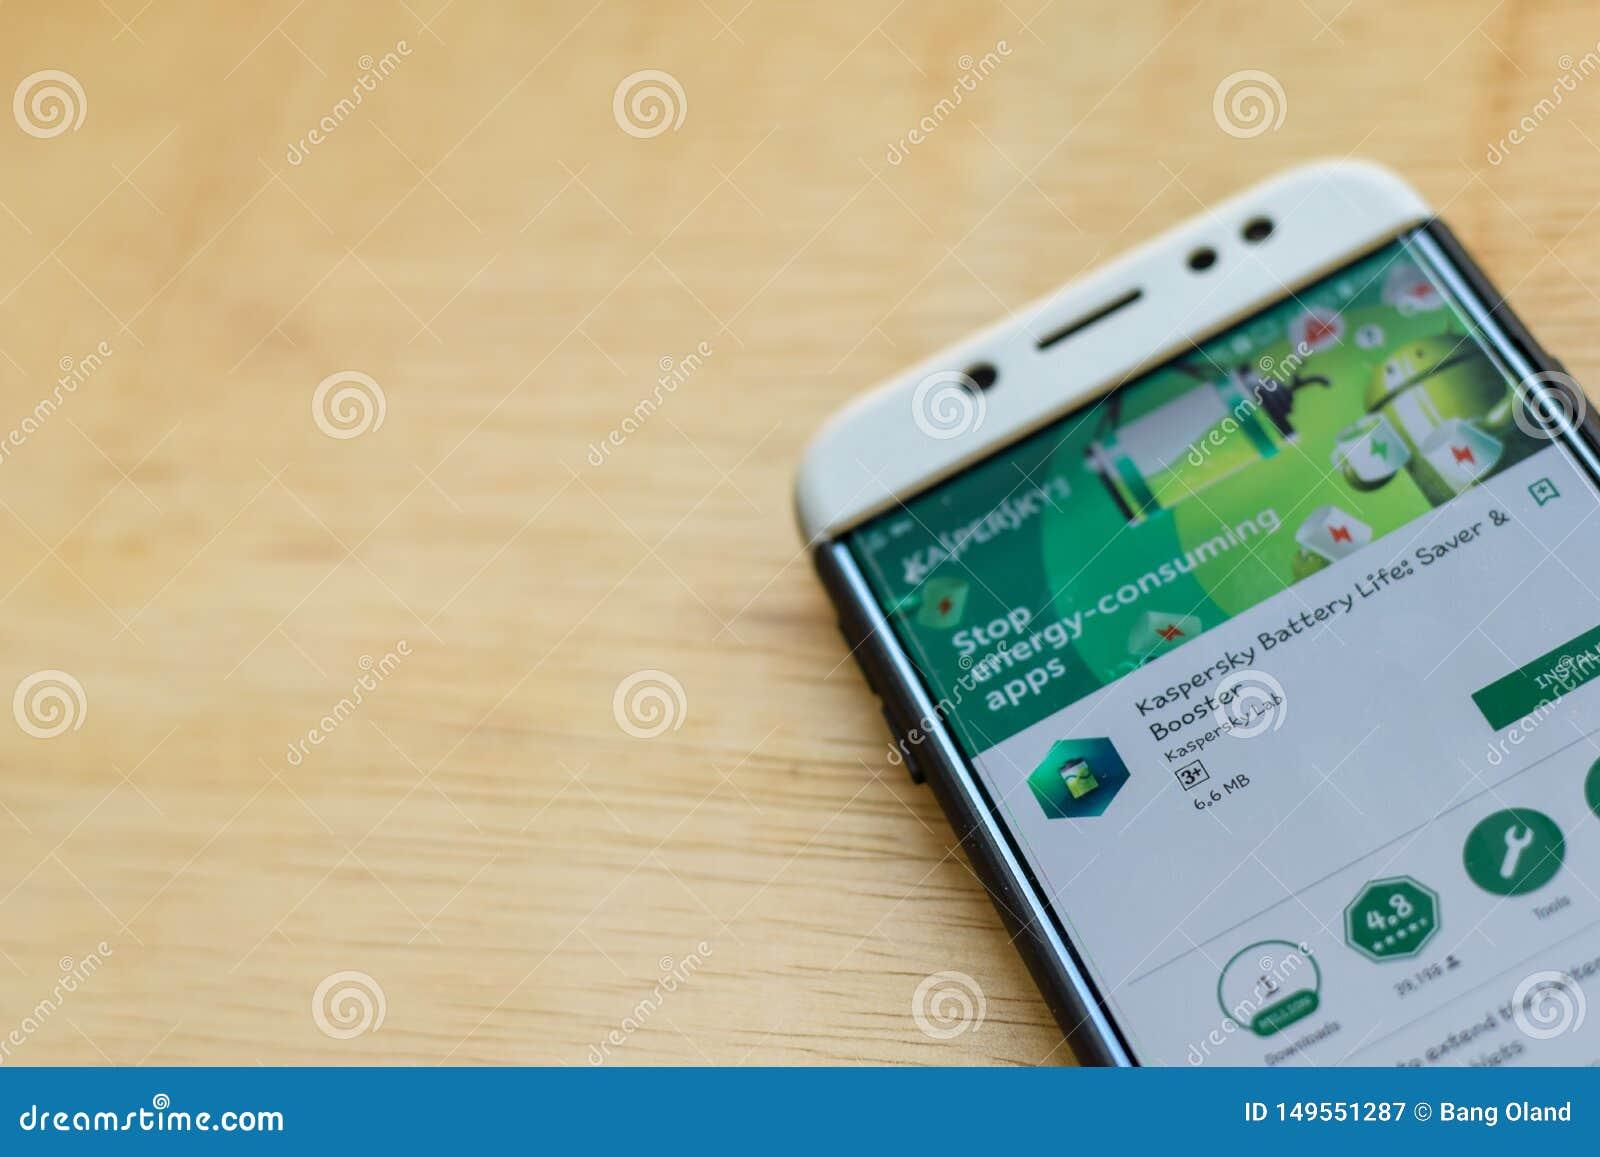 Kaspersky trwałości baterii dev zastosowanie na Smartphone ekranie Ciułacz & detonator jesteśmy freeware przeglądarką internetową